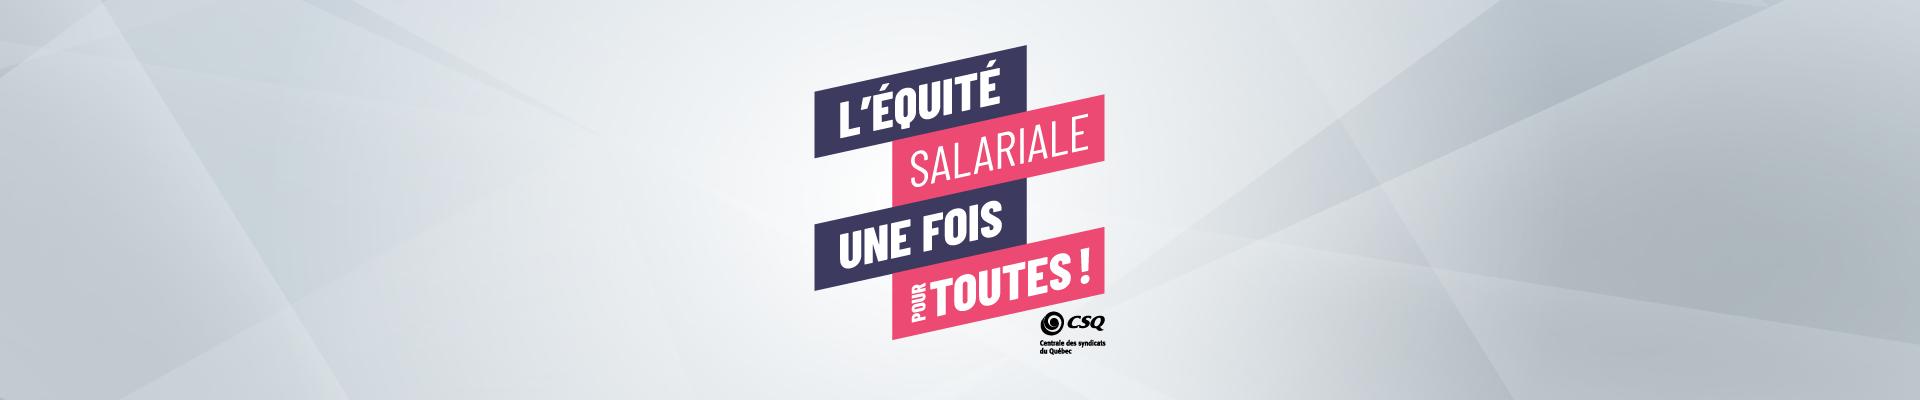 Équité salariale